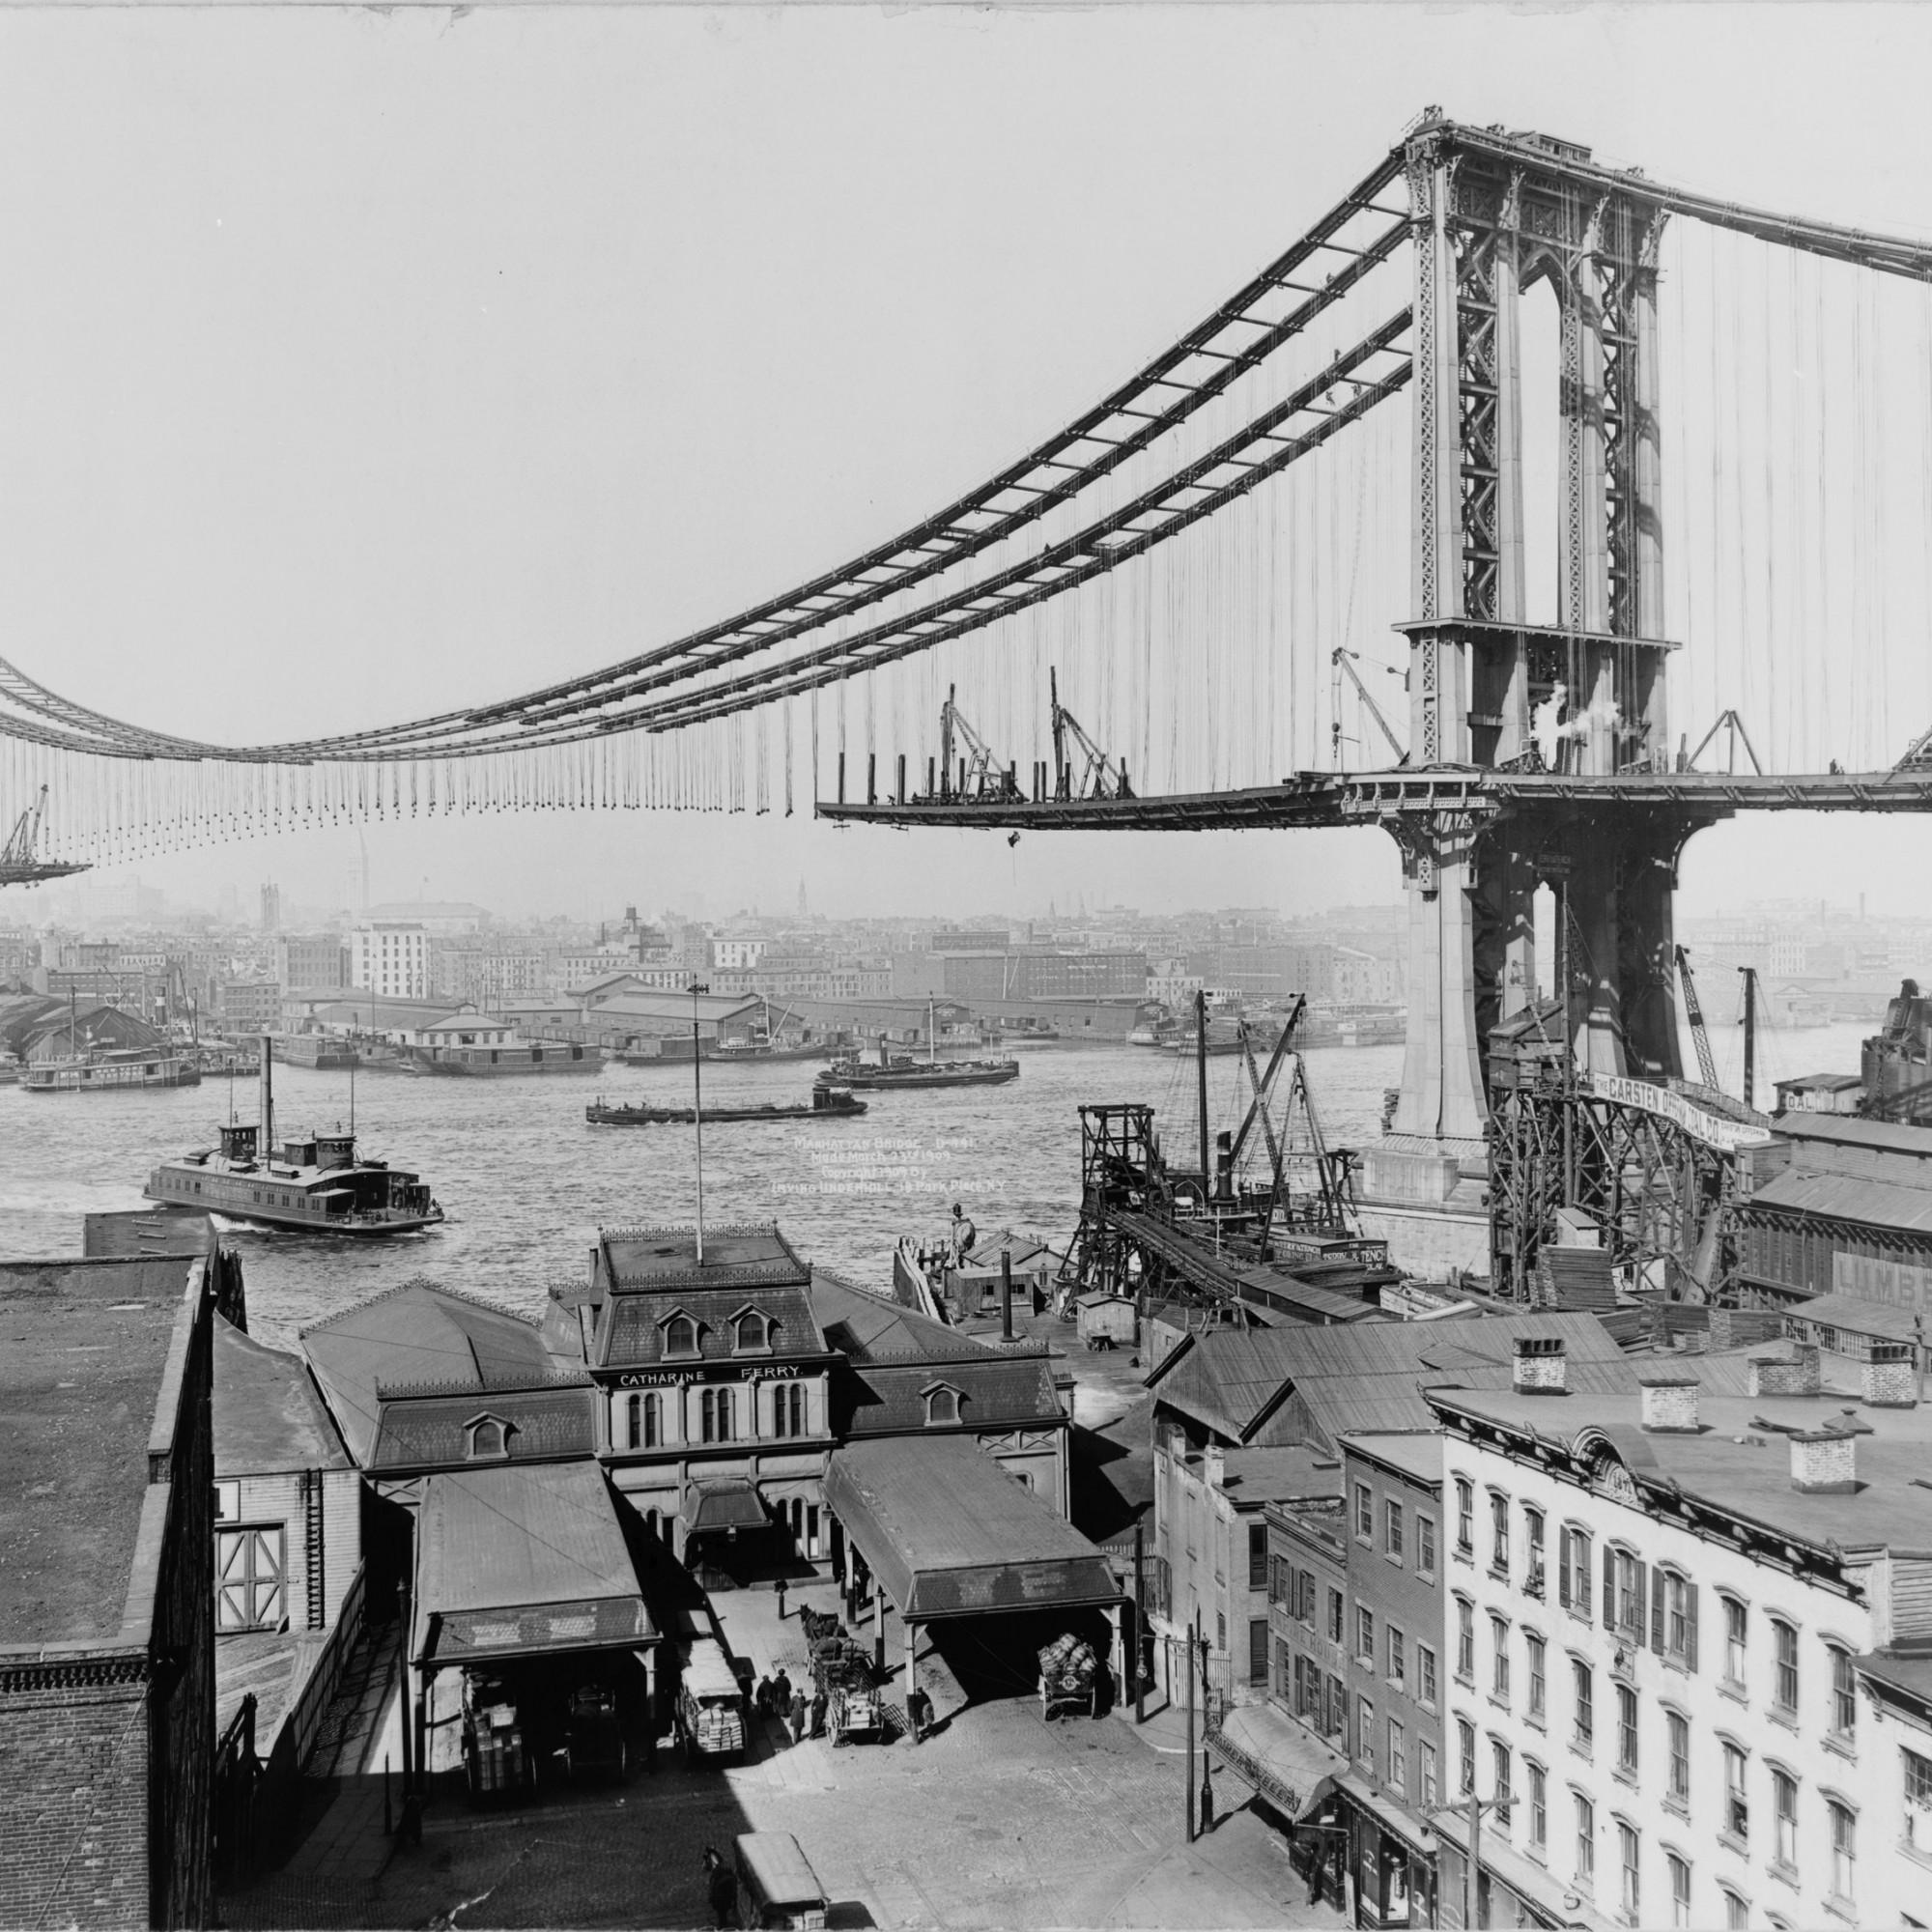 Ein Foto von 1909: Damals befand sich die bekannte Hängebrücke in New York City noch im Bau. Sie überquert den East River und verbindet die Stadtteile Lower Manhattan und Brooklyn miteinander. (Quelle:Library of Congress/LC-USZ62-100104)